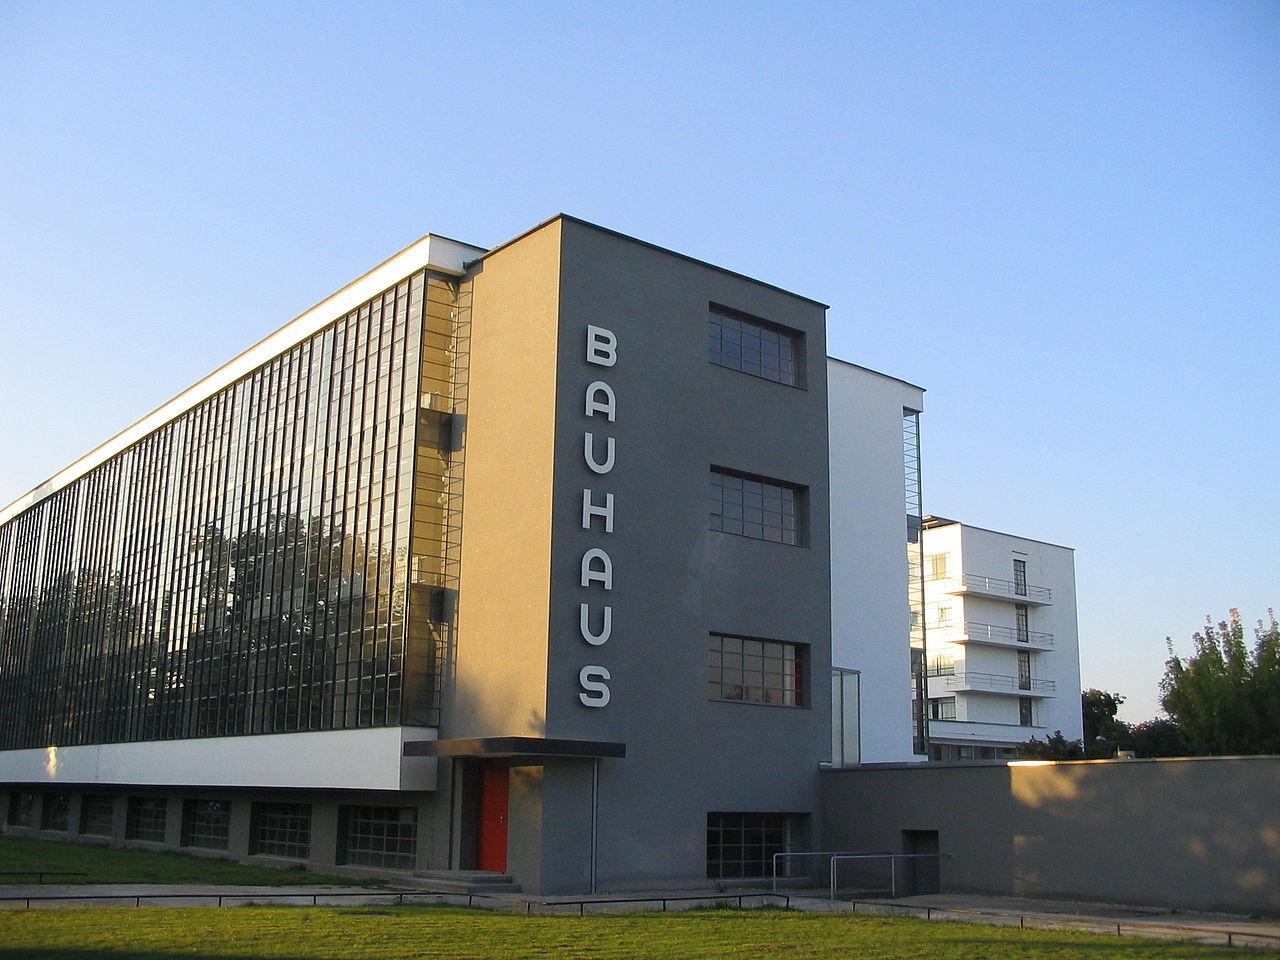 Se cumplen 100 años de la Bauhaus, referente mundial de la arquitectura